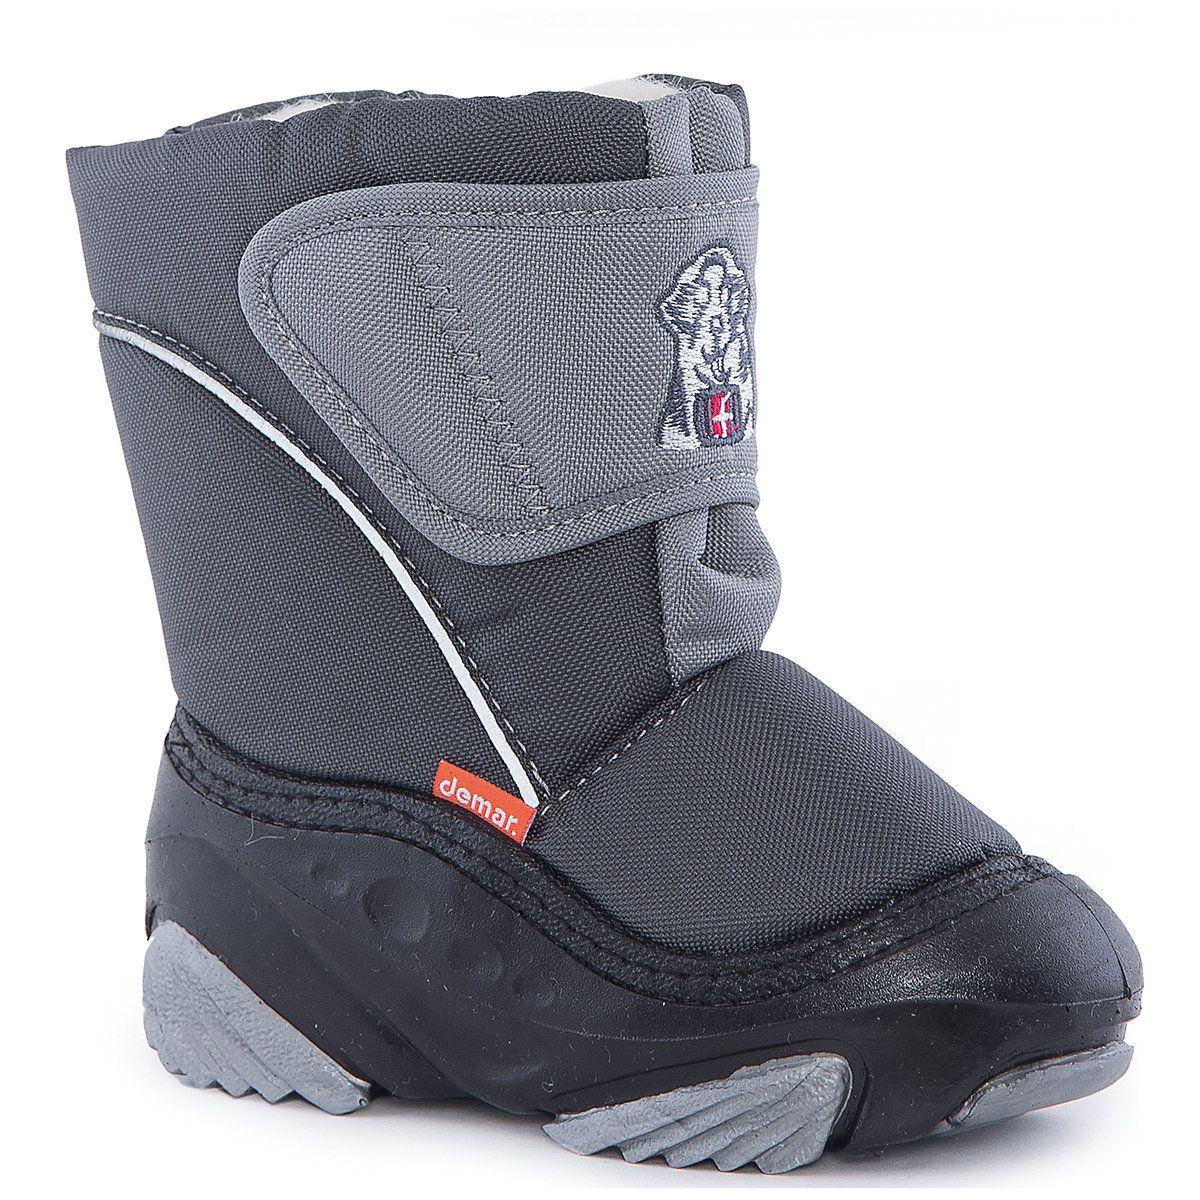 Stiefel Demar für mädchen 6835183 Valenki Uggi Winter Baby Kinder Kinder schuhe MTpromo